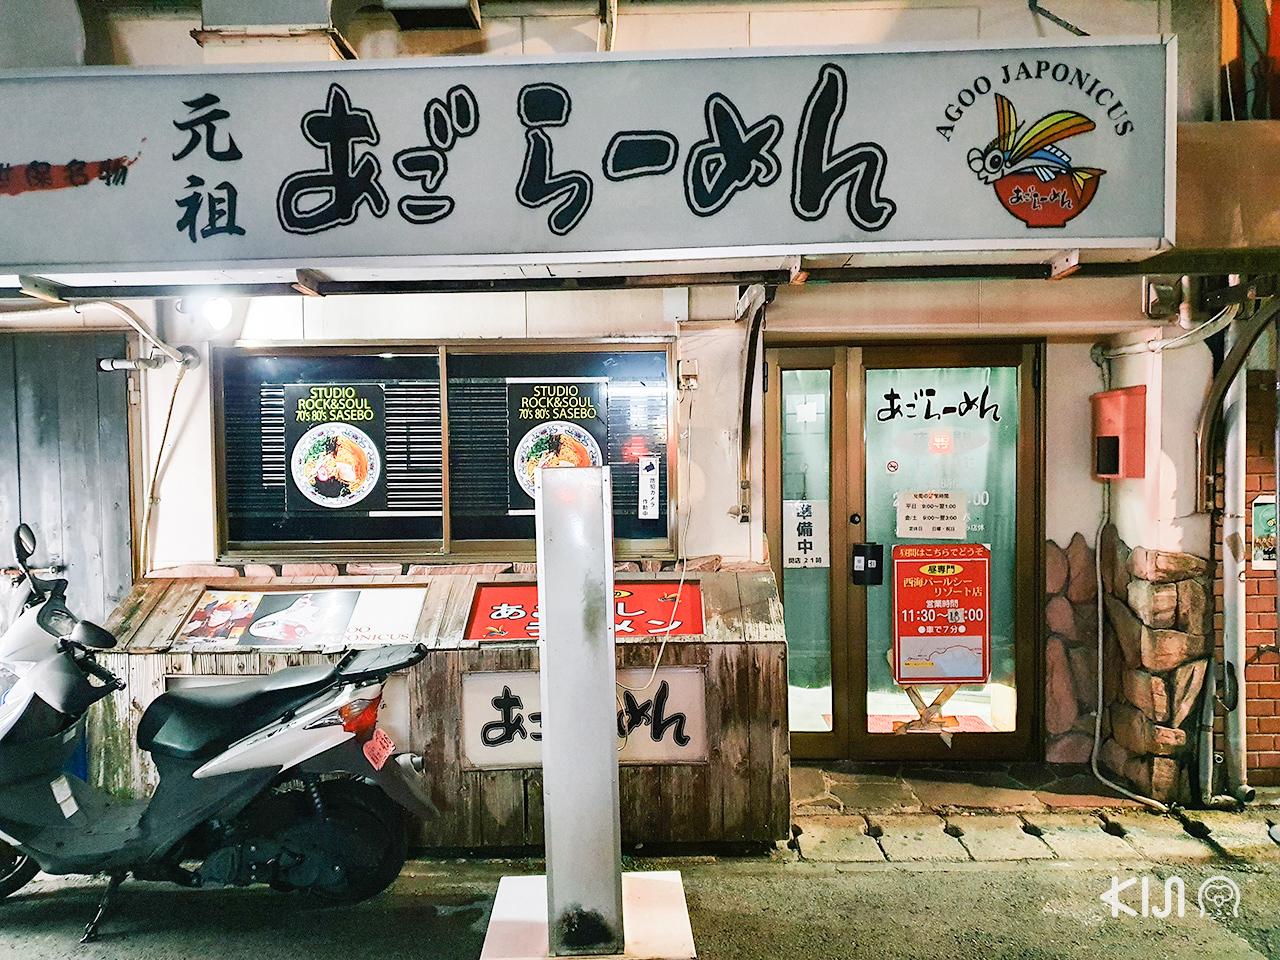 ร้านอาหารในจ.นางาซากิ (Nagasaki) และ ซากะ (Saga) - Agodashi Ramen